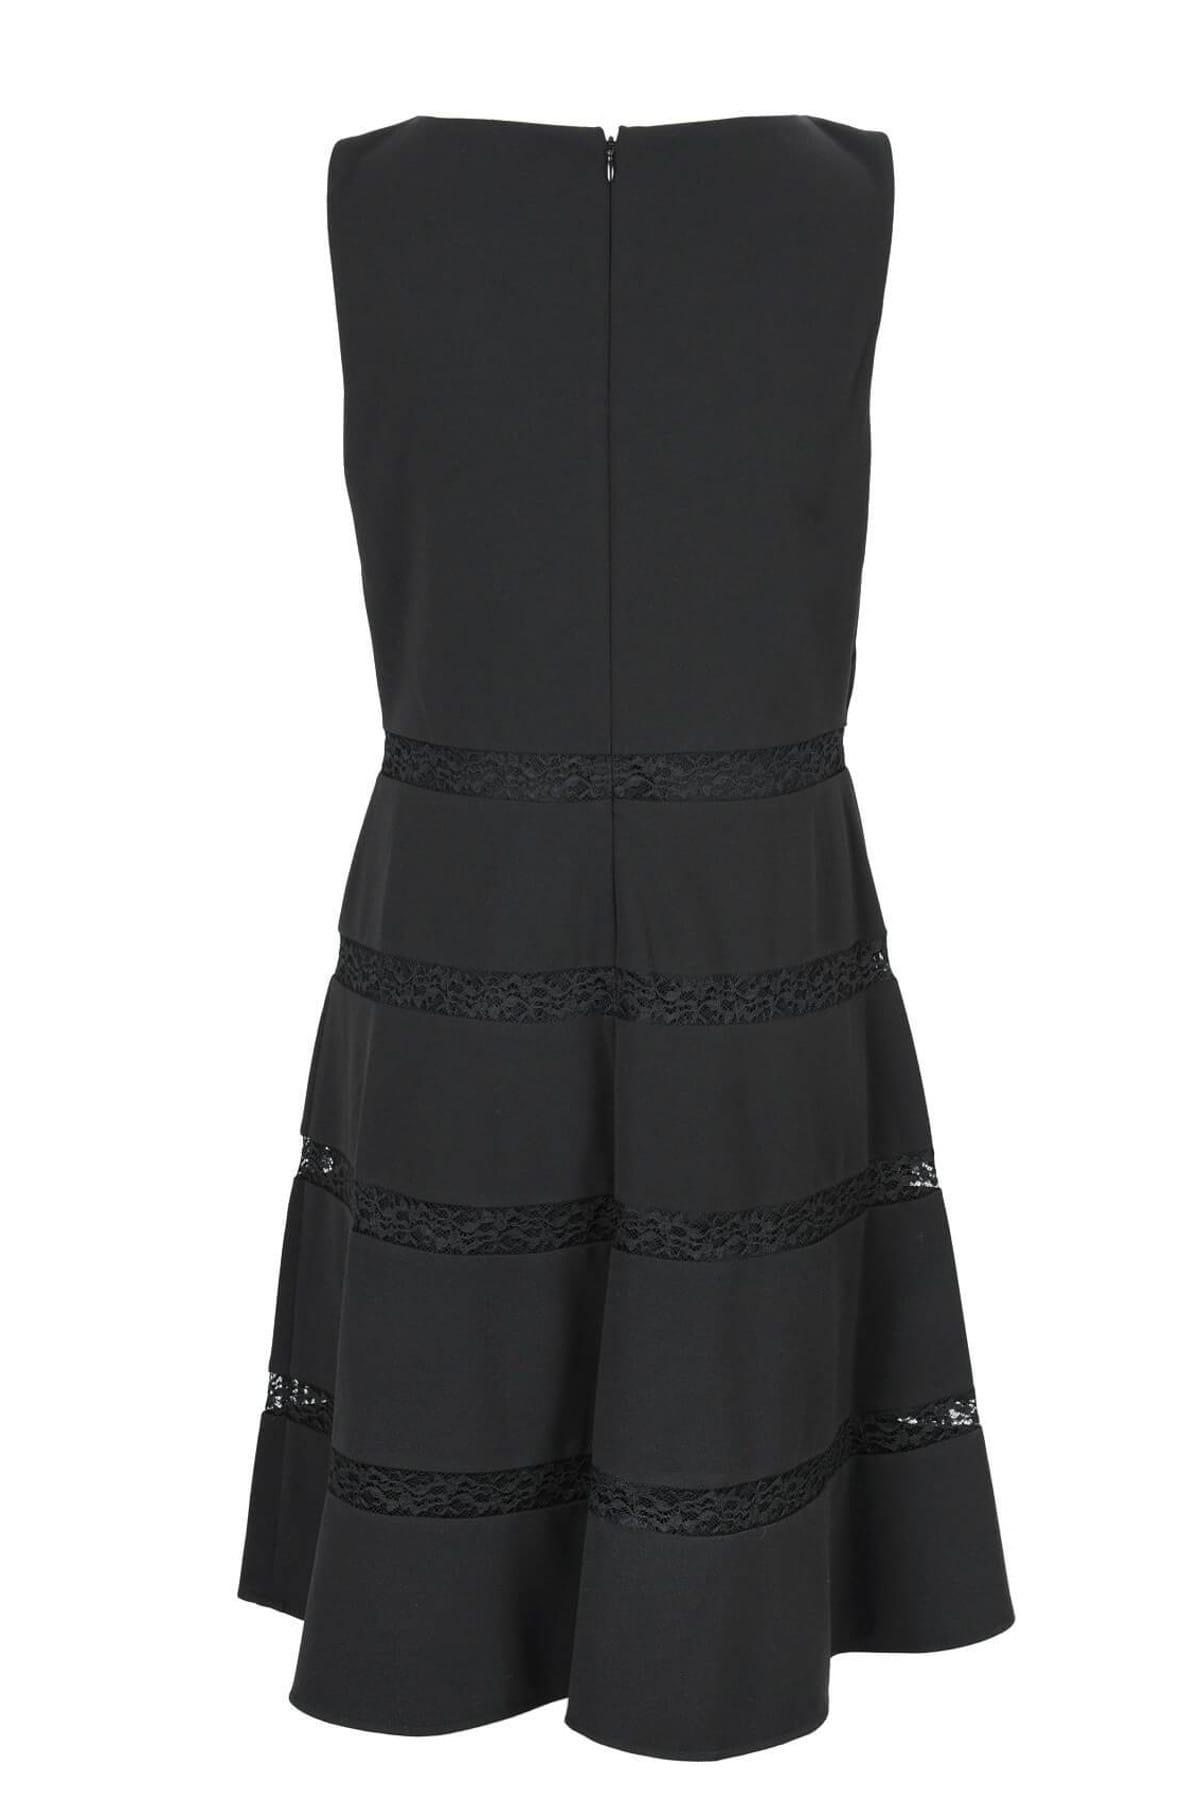 Polo Ralph Lauren Kadın Siyah Elbise 1086785 2